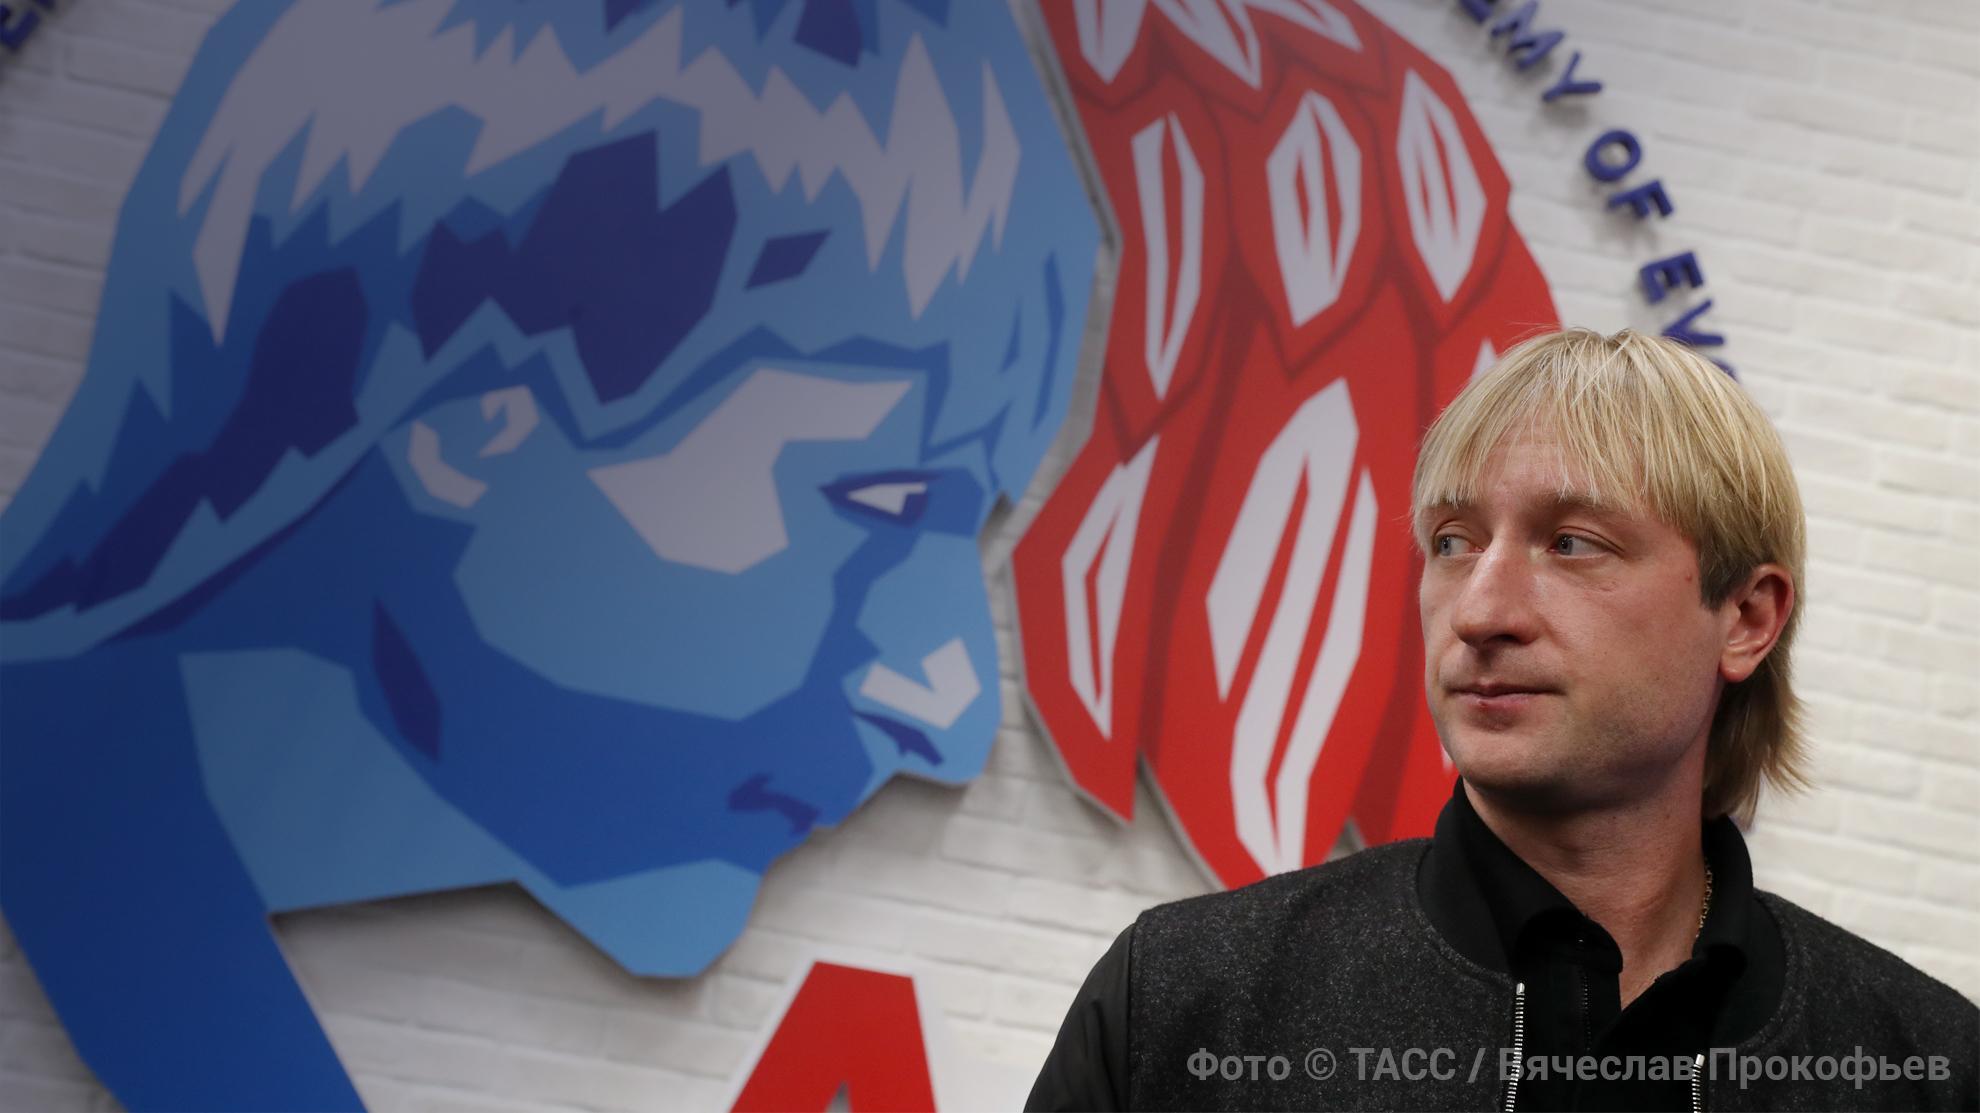 <p>Фото © ТАСС / Вячеслав Прокофьев</p>